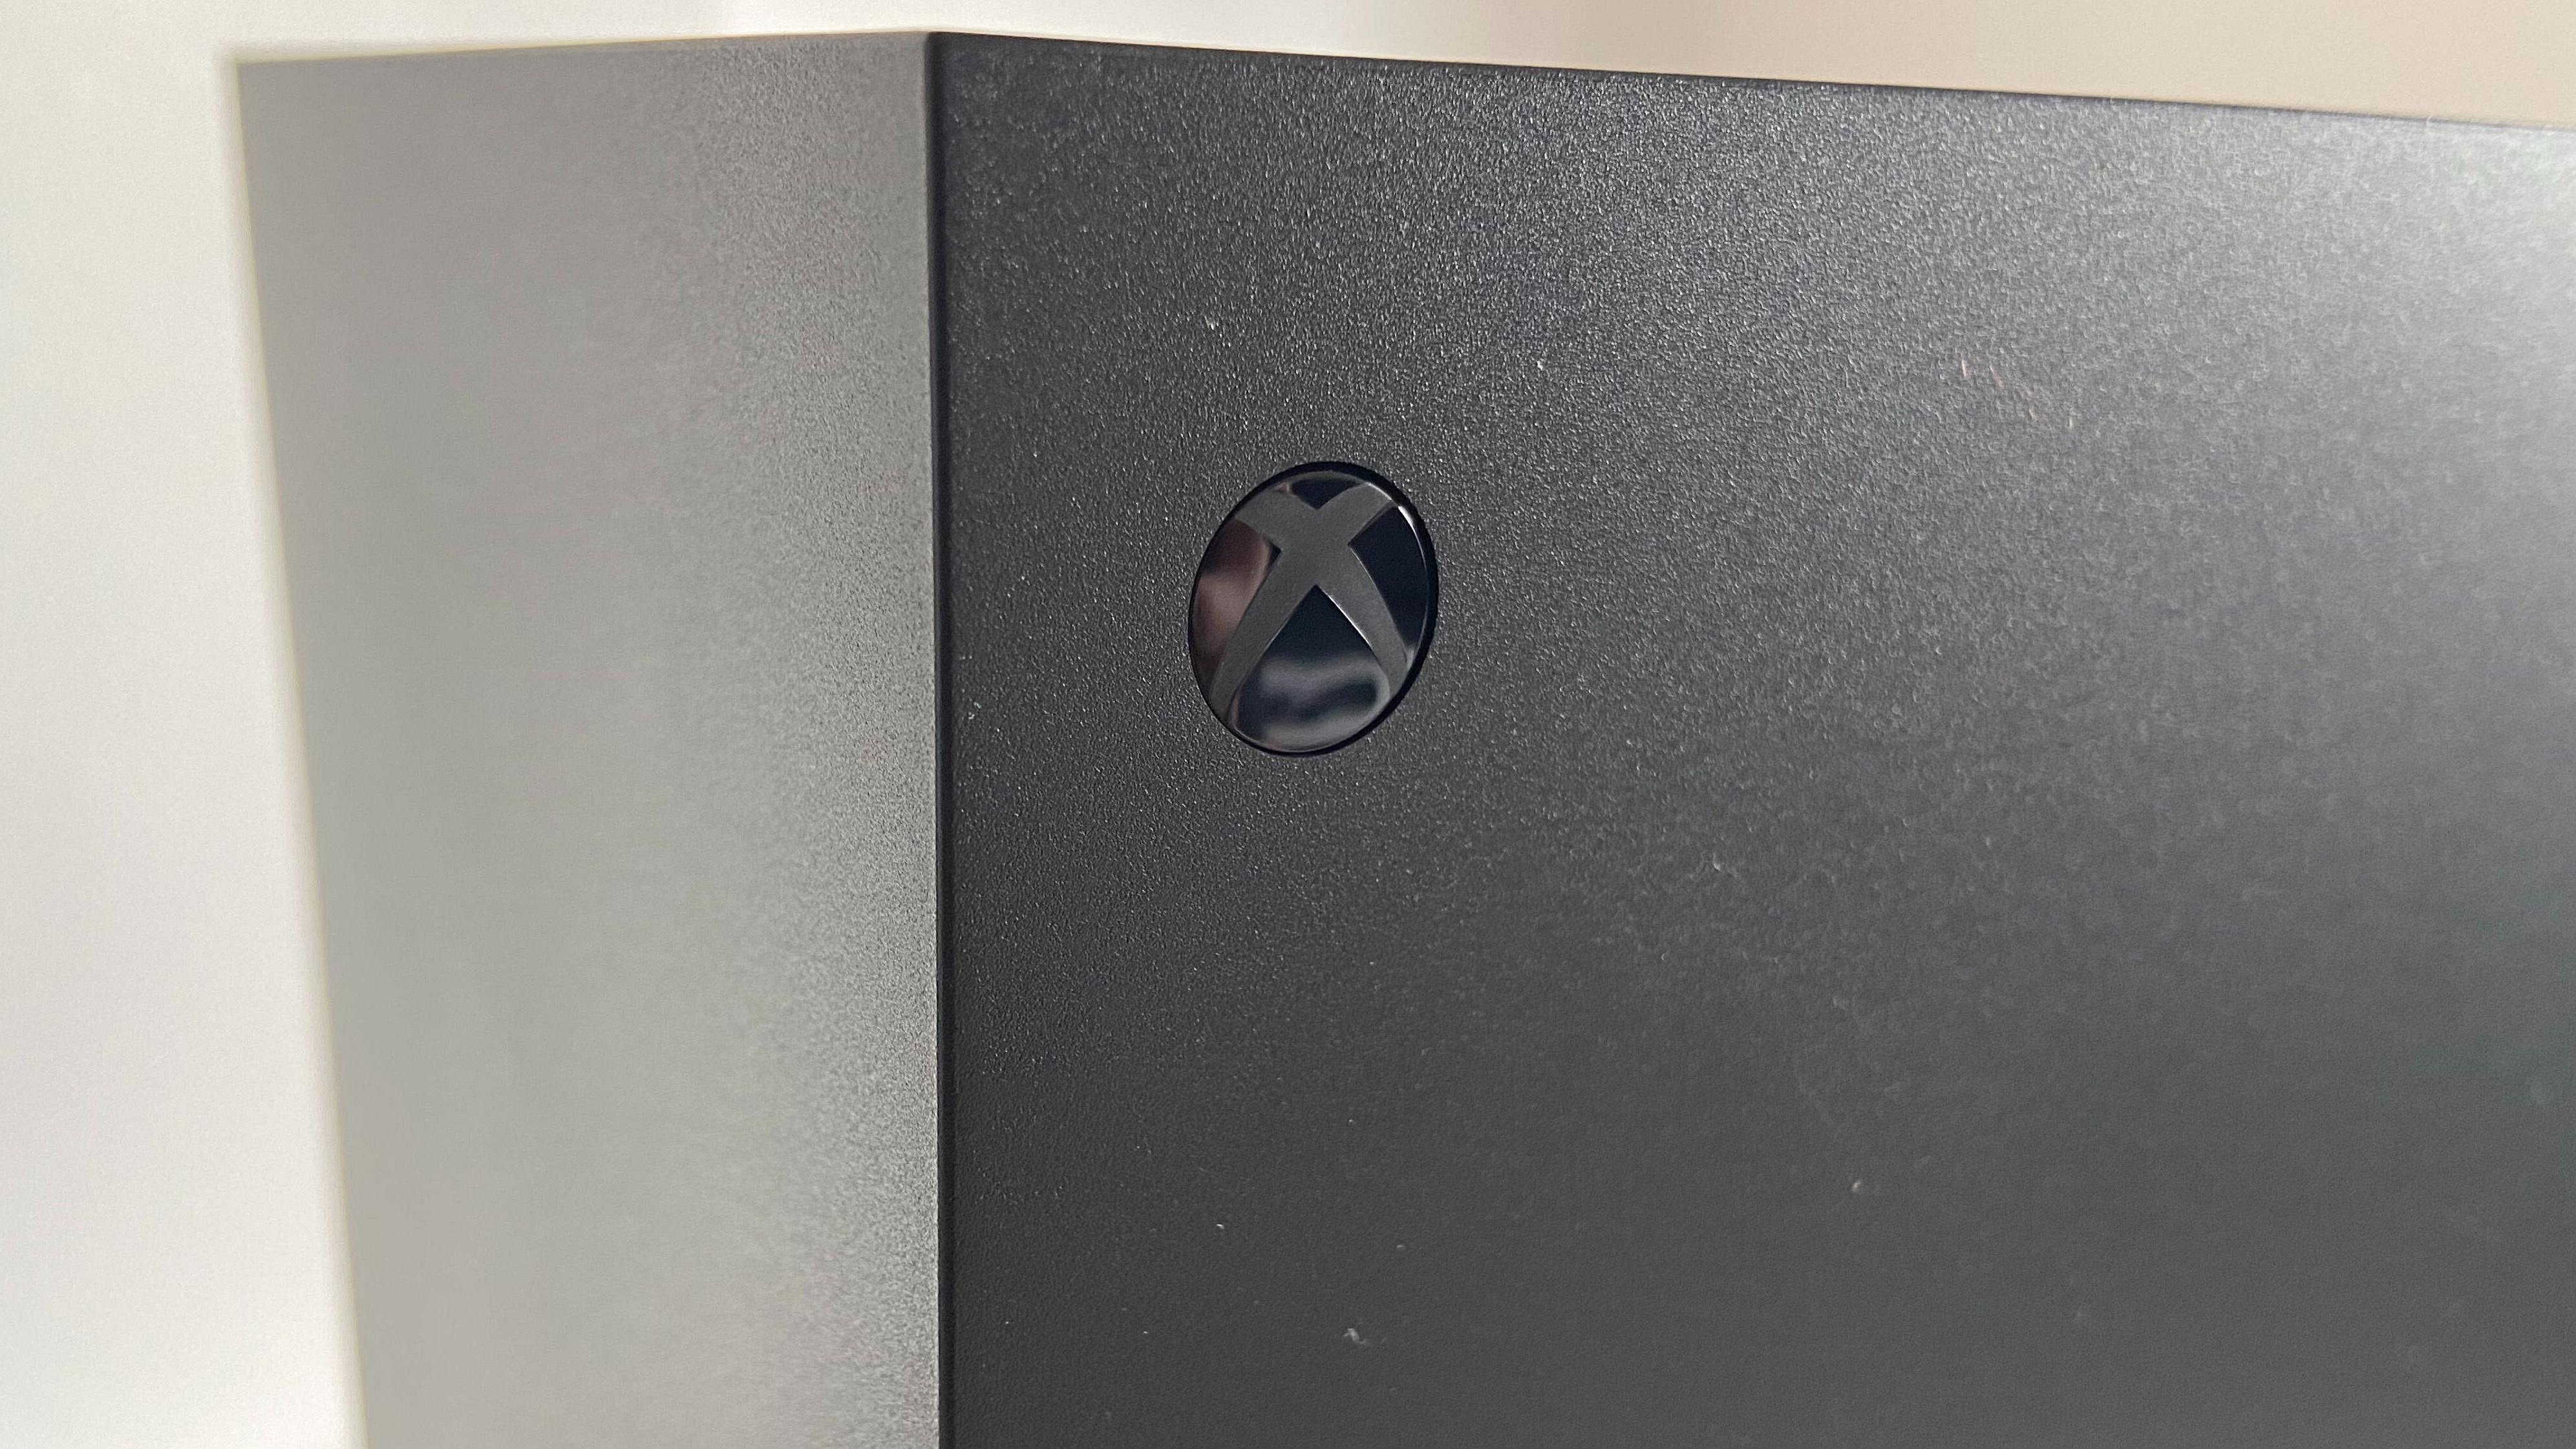 Xbox Series X